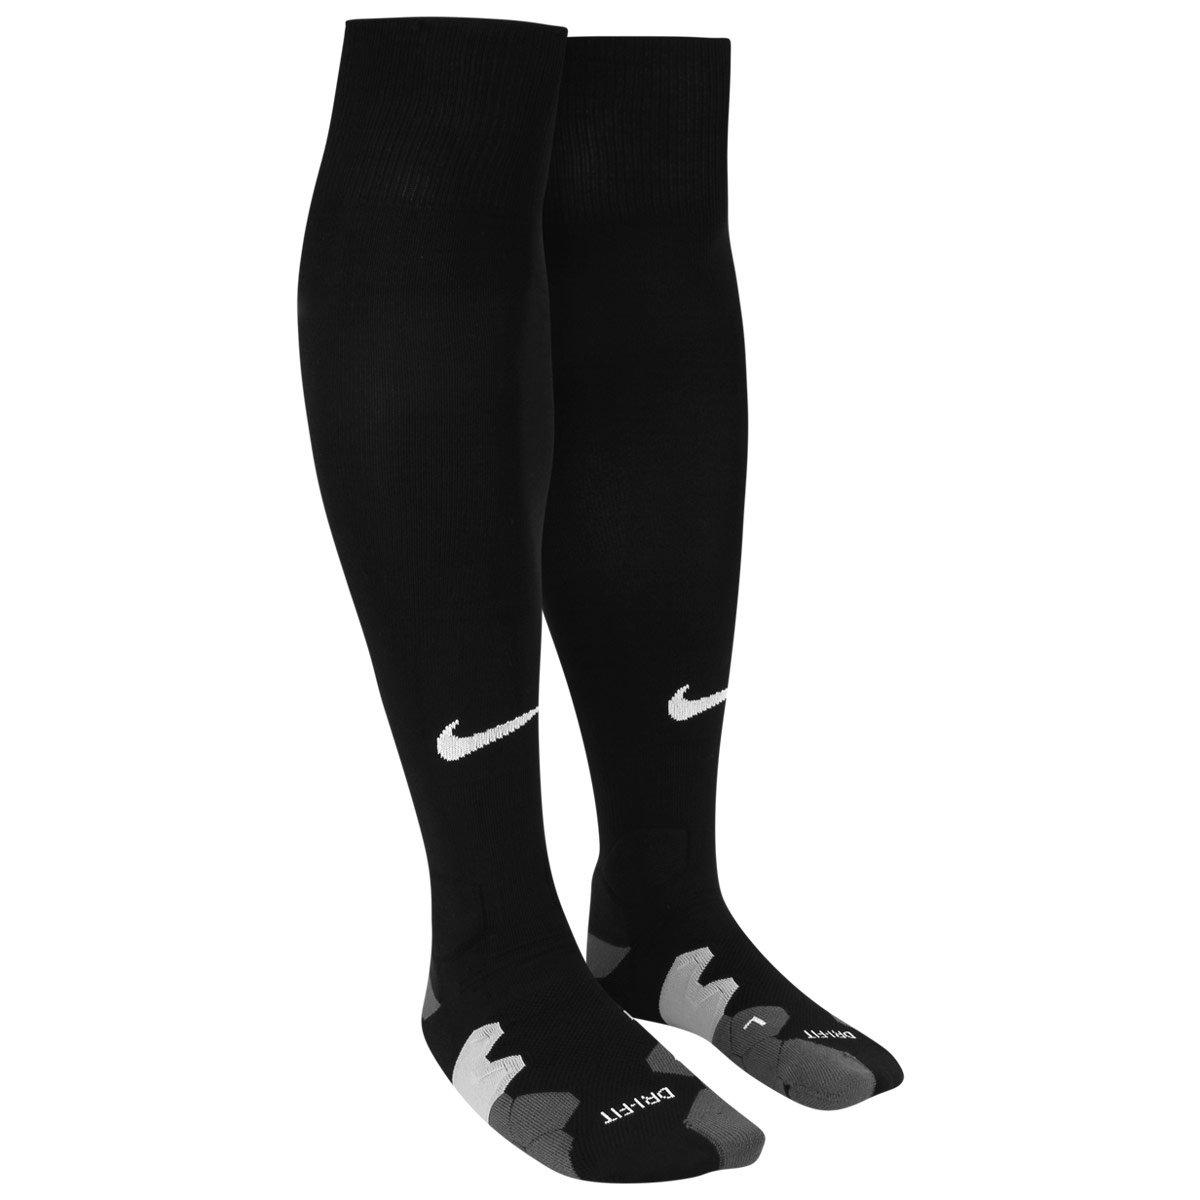 Meião Nike Elite Football Dri-FIT - Compre Agora  84bc85e3a0998